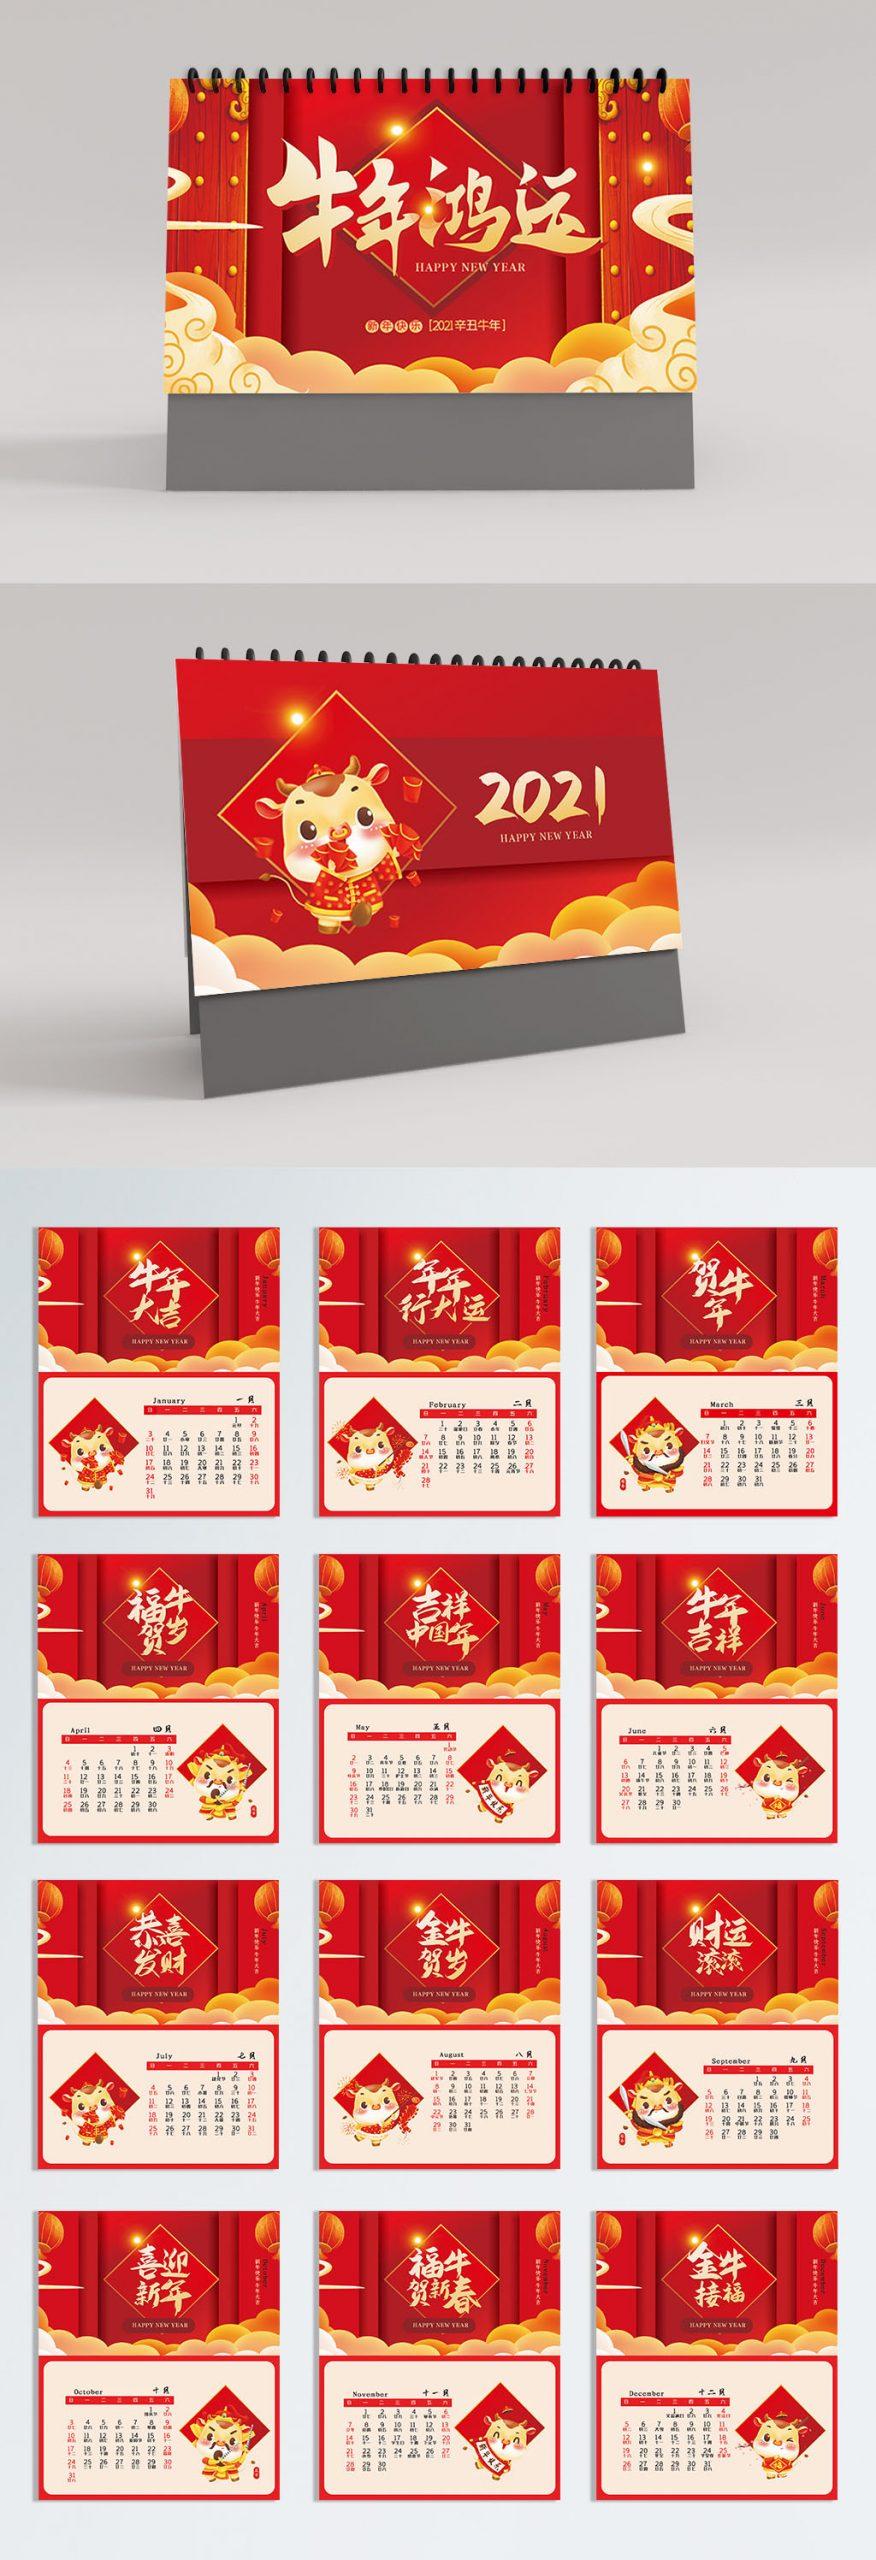 矢量红色大气2021牛年喜庆风台历源文件源文件插图